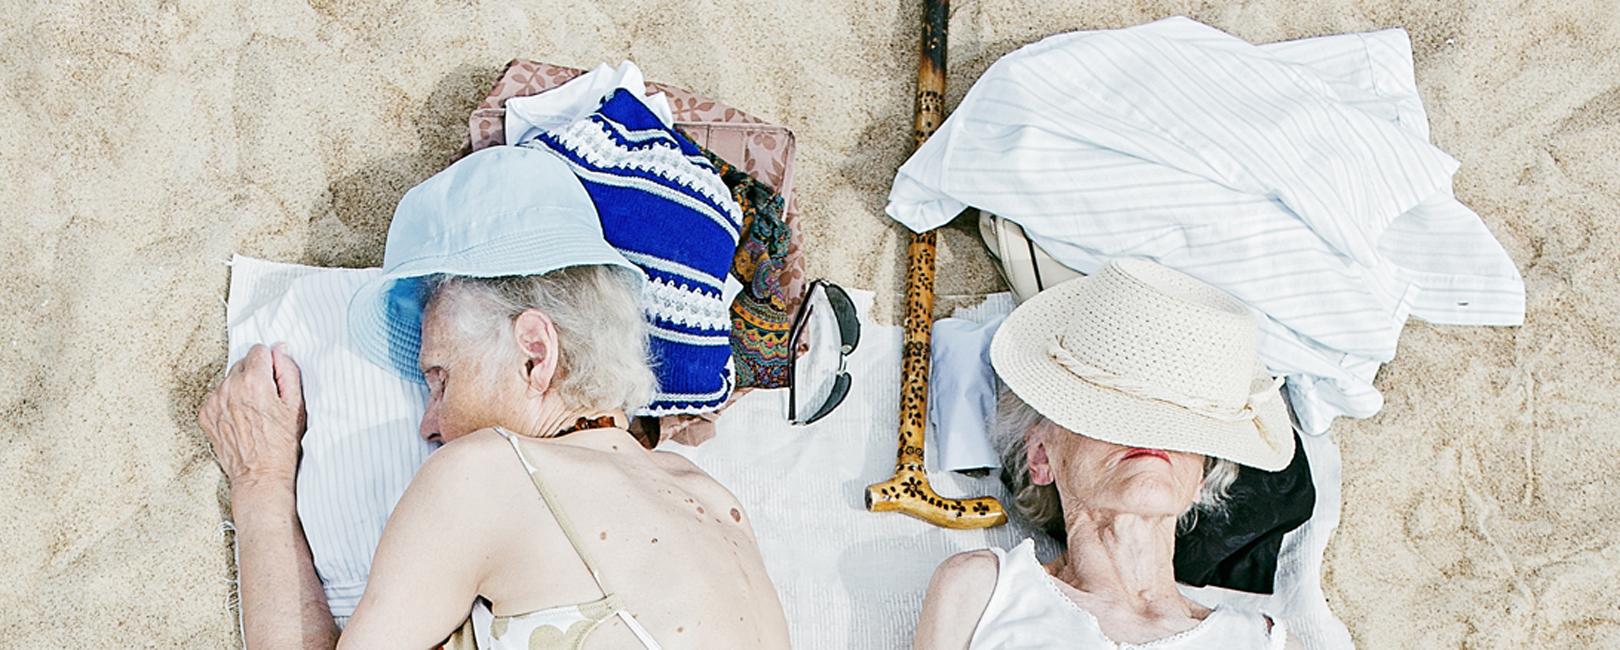 foto van Tadao Cern, twee oudjes slapen op badlaken op zand